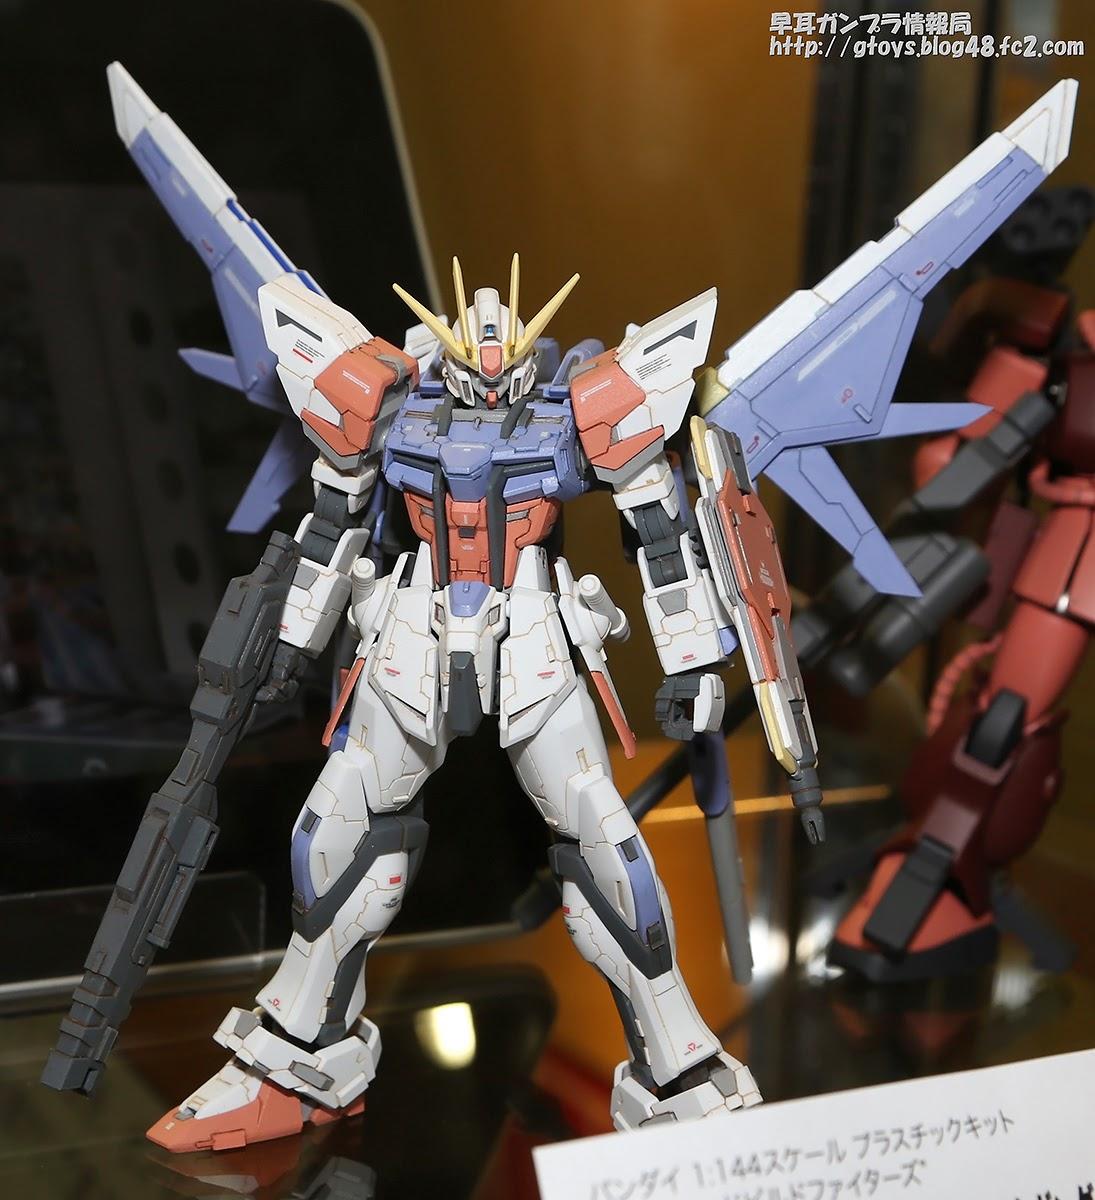 Gundam Mecha Modelling Thread V31